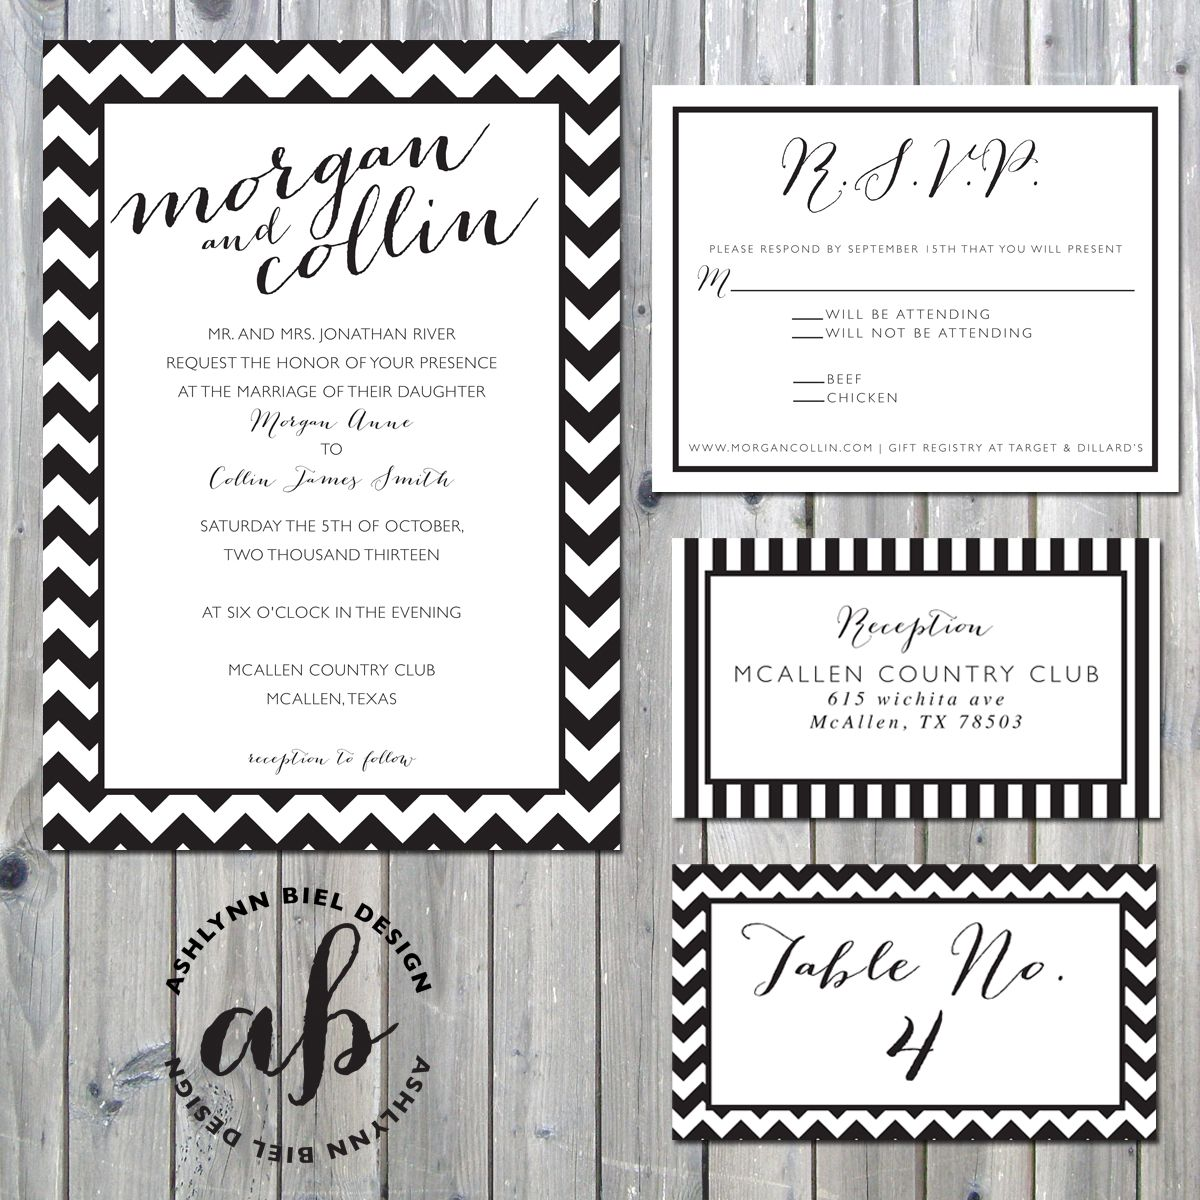 Black & White Modern Wedding Invitation Suite by Ashlynn Biel ...